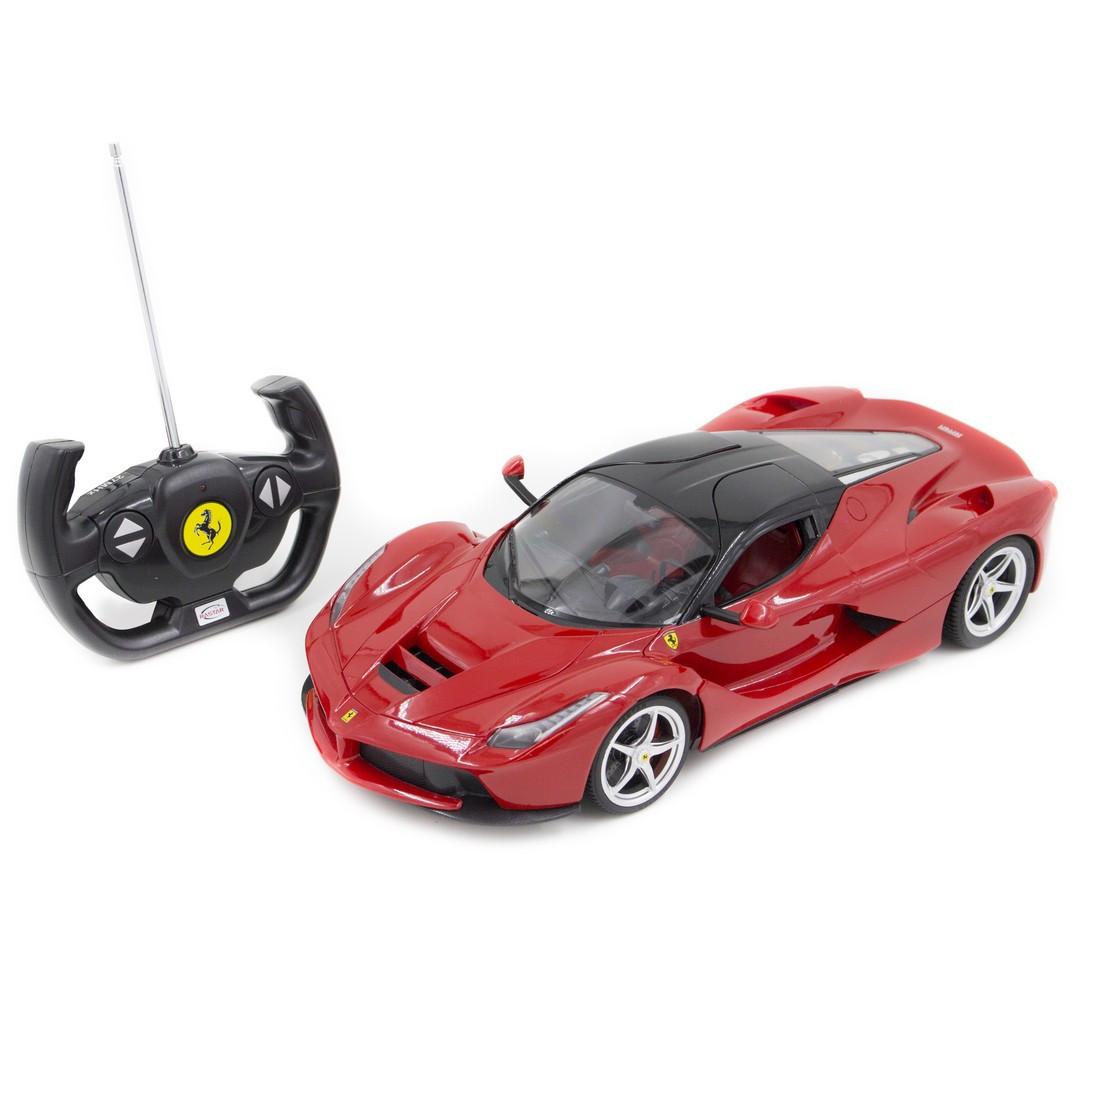 Радиоуправляемая модель автомобиль Rastar Ferrari LaFerrari, 1:14, Управление: Джойстик, Материал: Пластик, Цв